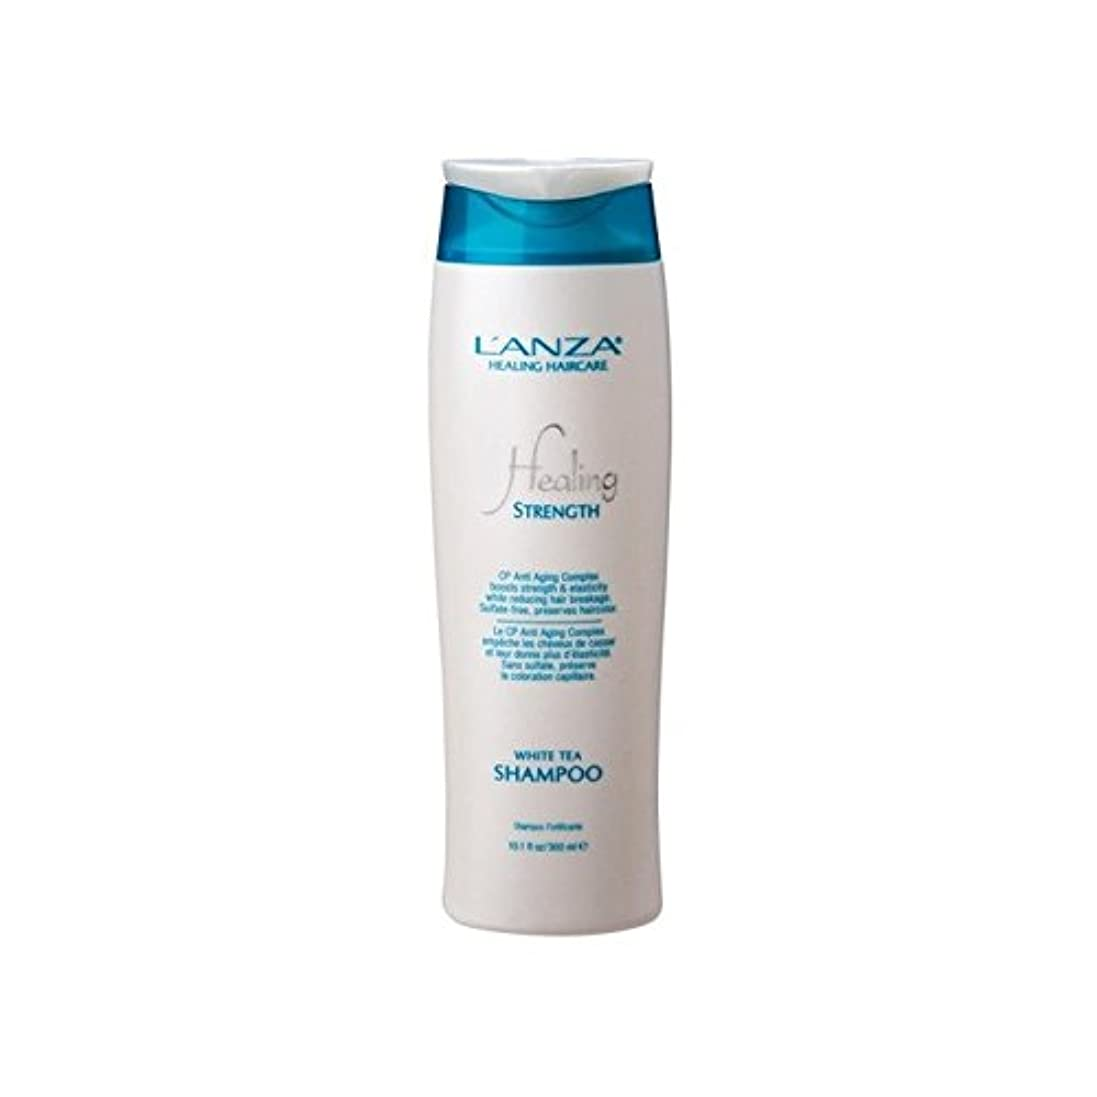 昇進スクランブルマトリックスL'Anza Healing Strength White Tea Shampoo (300ml) - 強ホワイトティーシャンプーを癒し'アンザ(300ミリリットル) [並行輸入品]